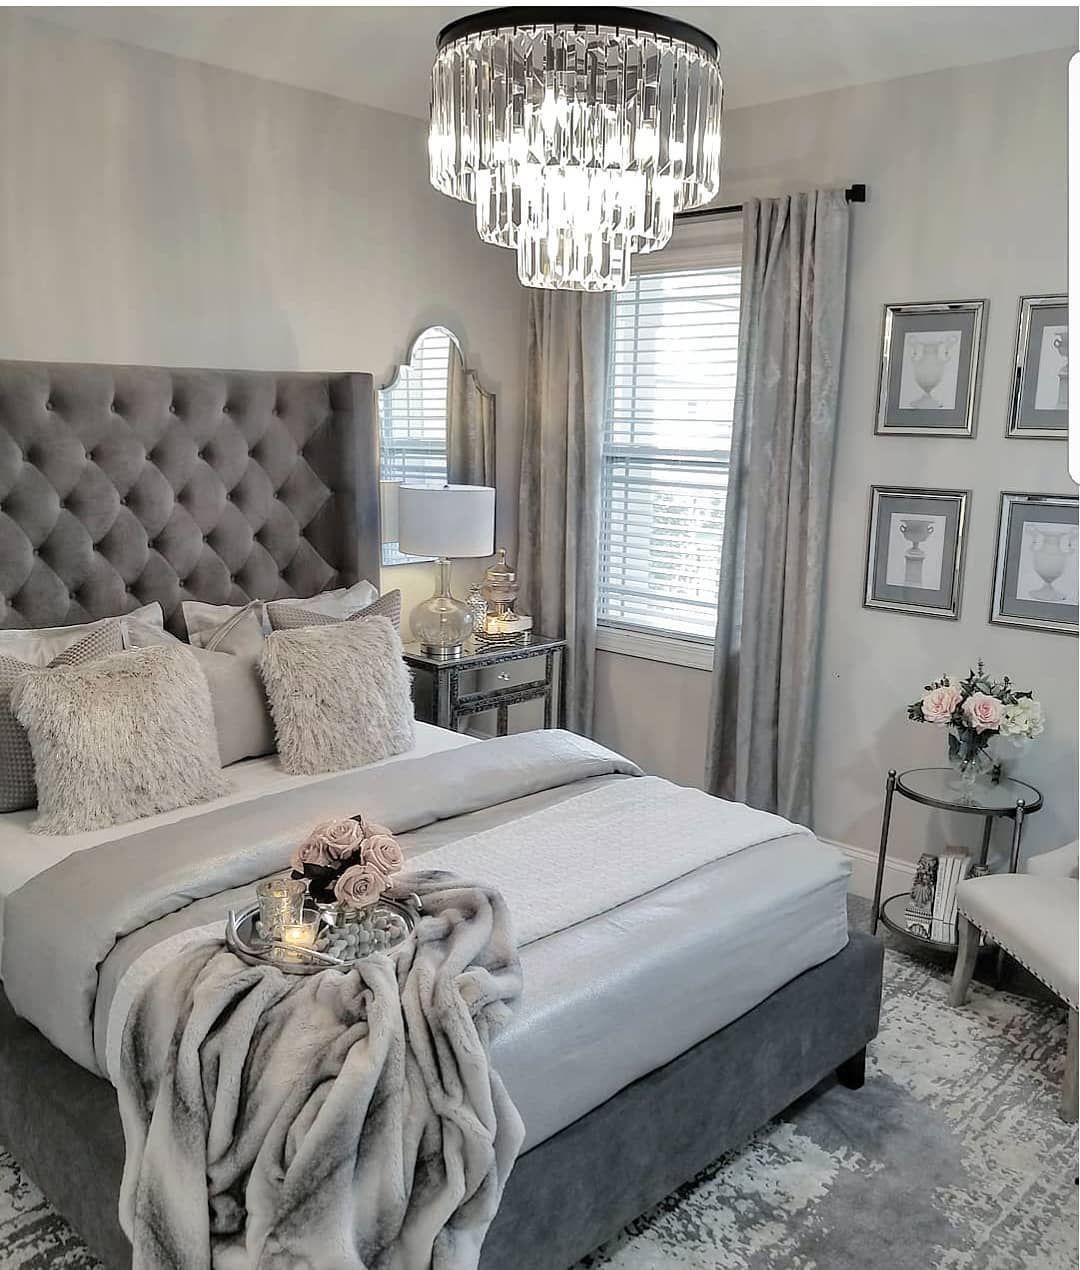 13 Cool Gray Bedroom Ideas To Your Bedroom Bedroom Inspirations Bedroom Interior Bedroom Decor